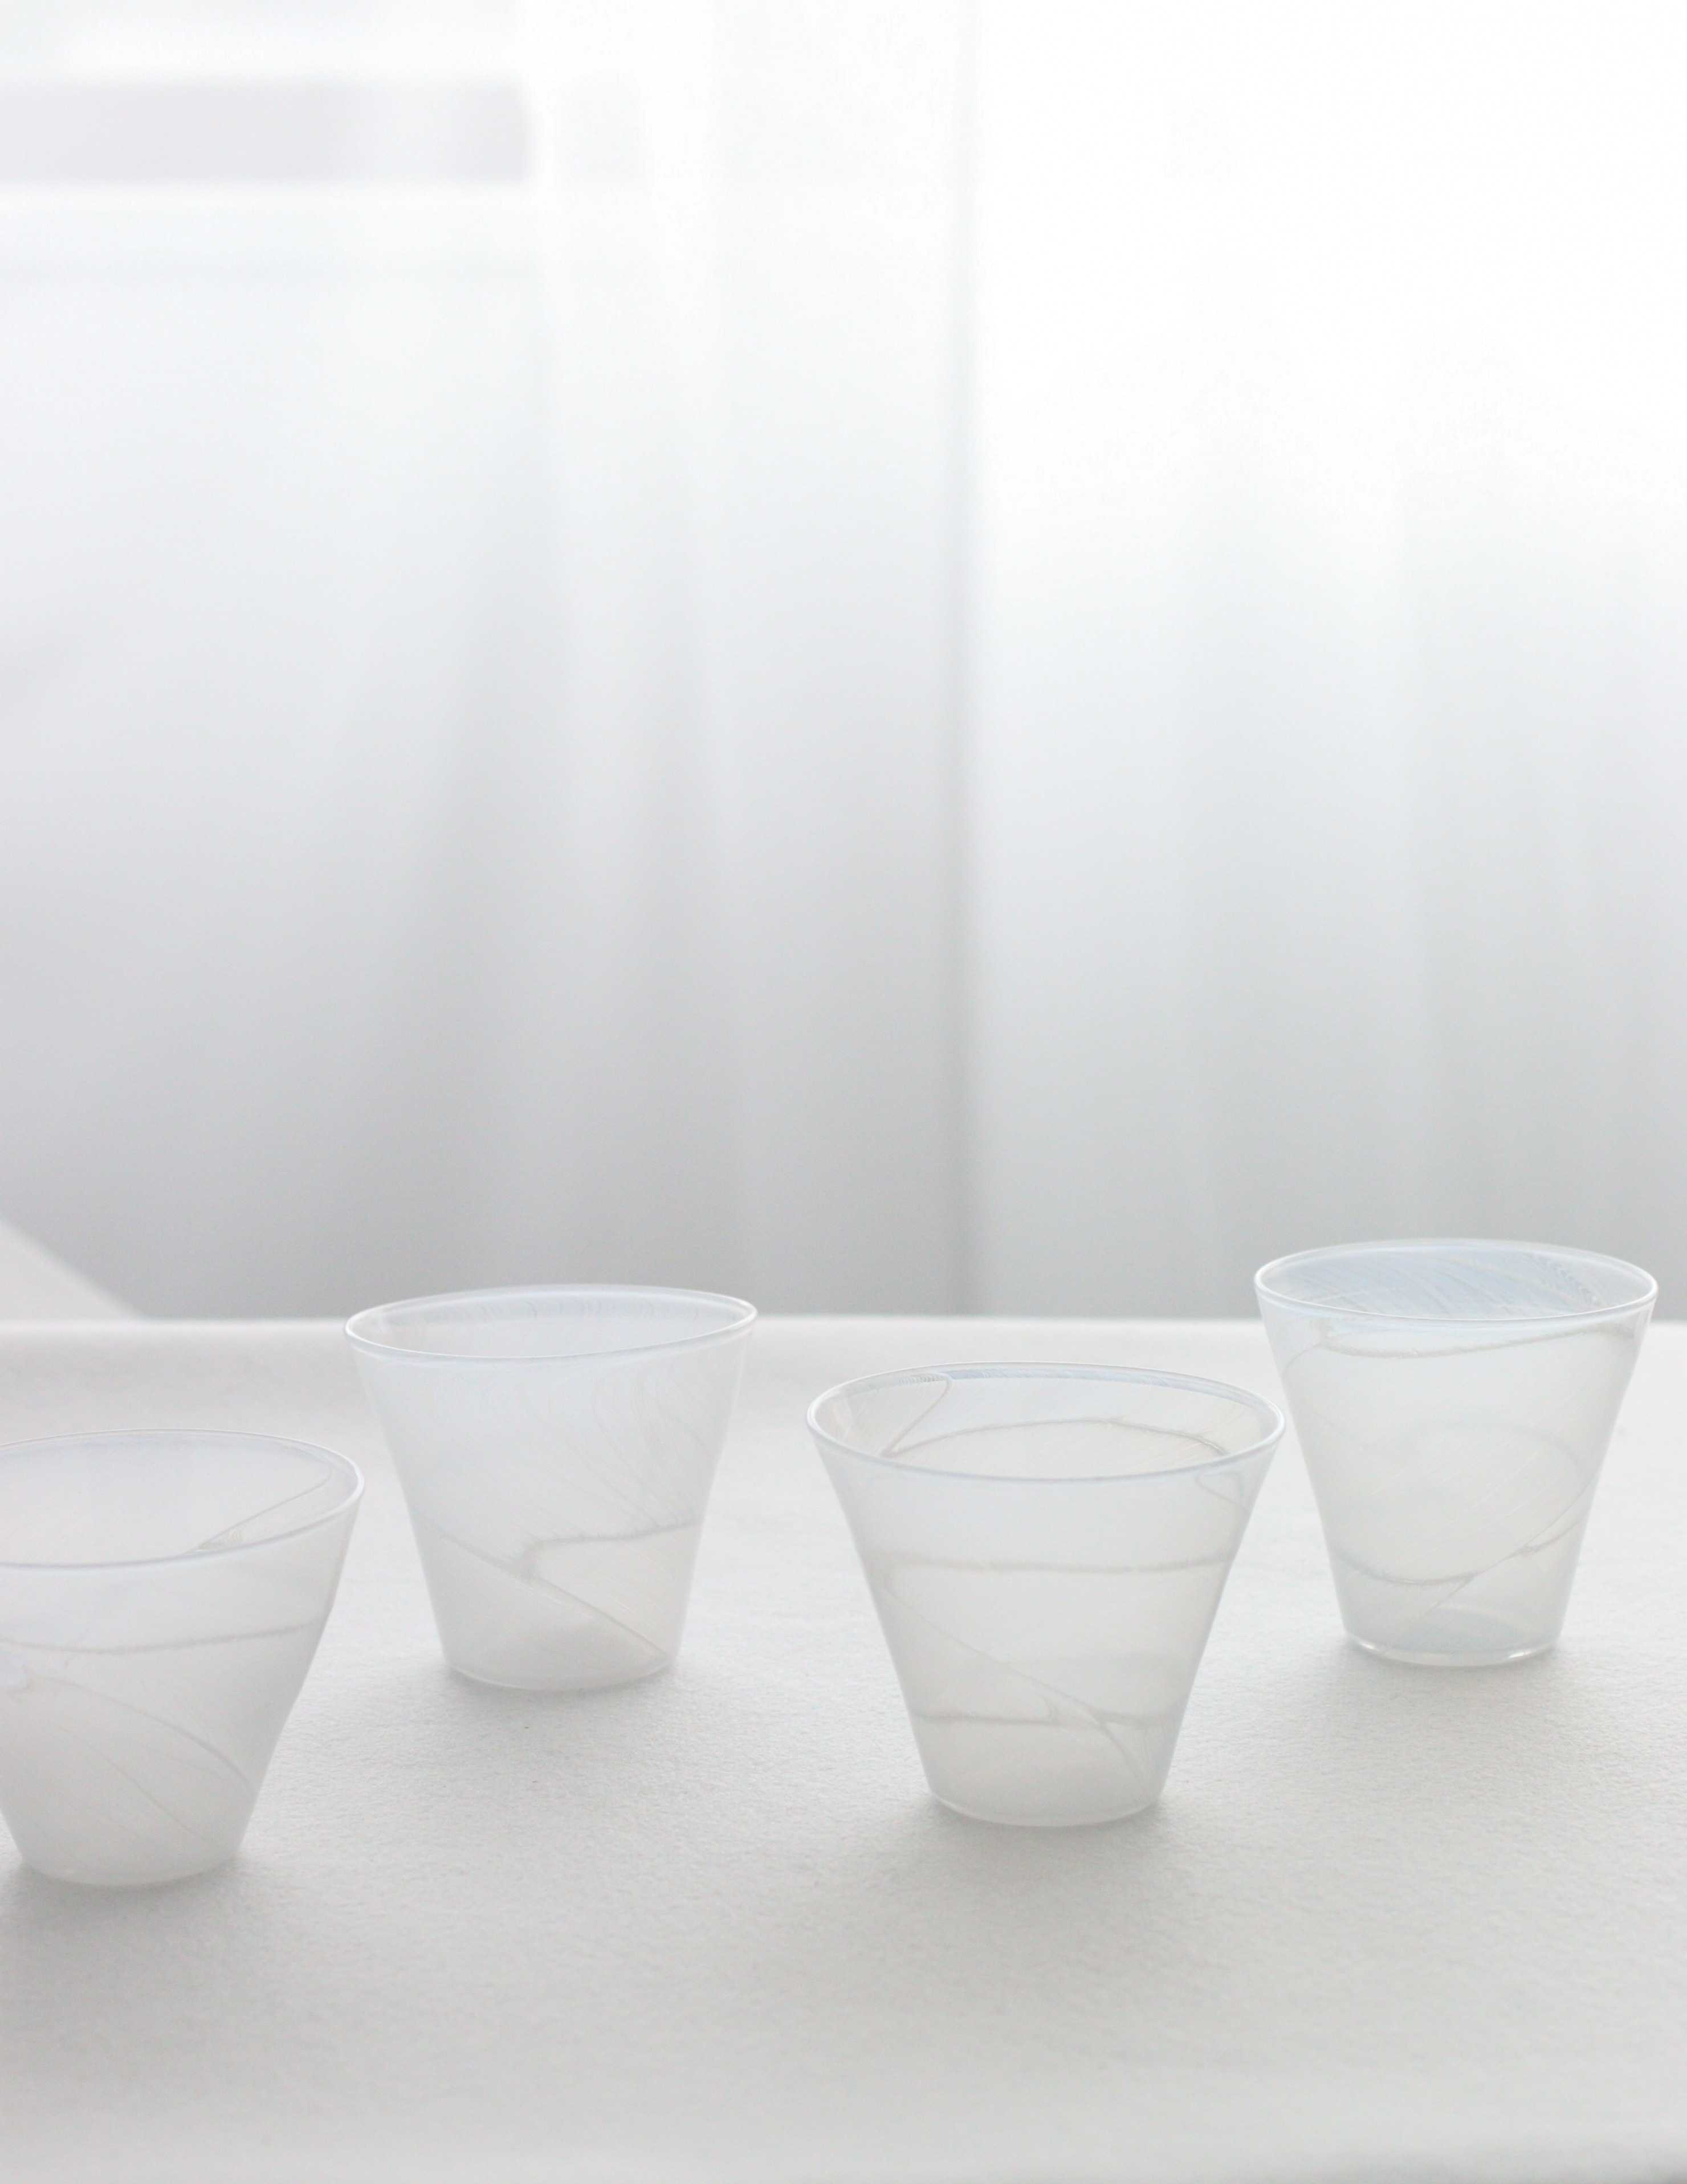 Il y a Ao Anzhe écrivain de verre japonais il y a Yonghao Taigaze tasse de dentelle de tasse